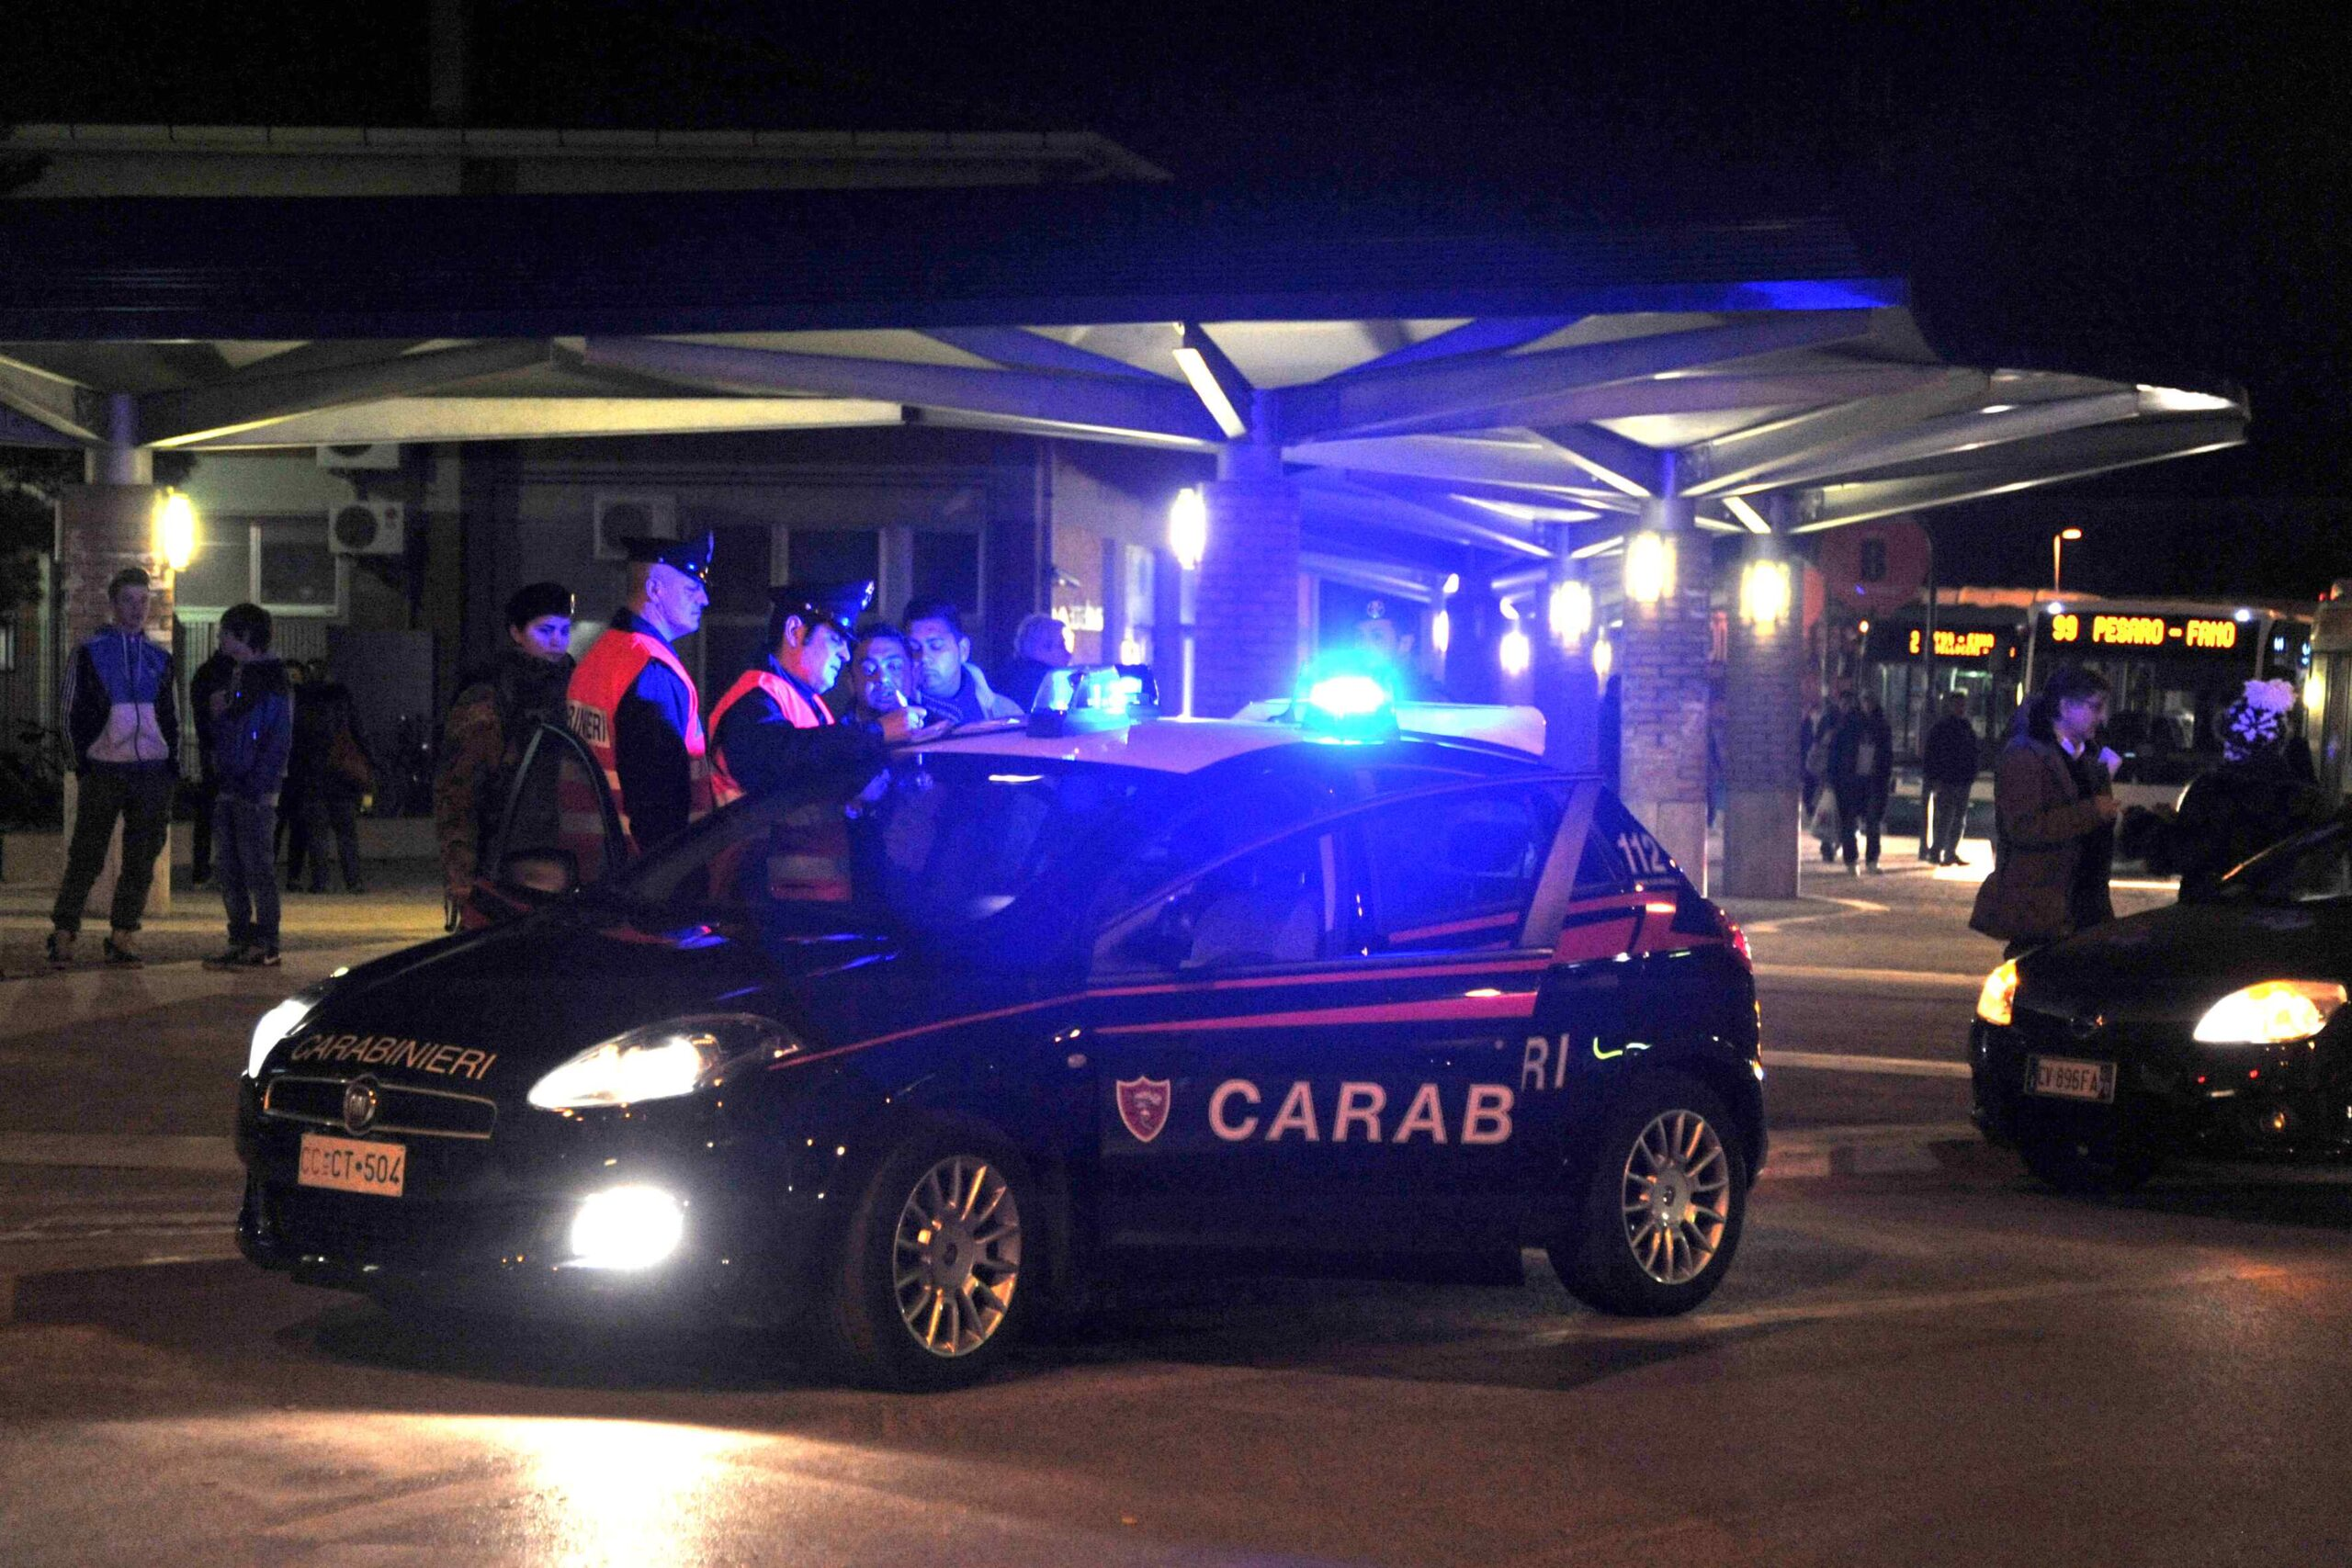 """Operazione """"Pasqua in bianco"""": spaccio di cocaina, 5 persone arrestate"""